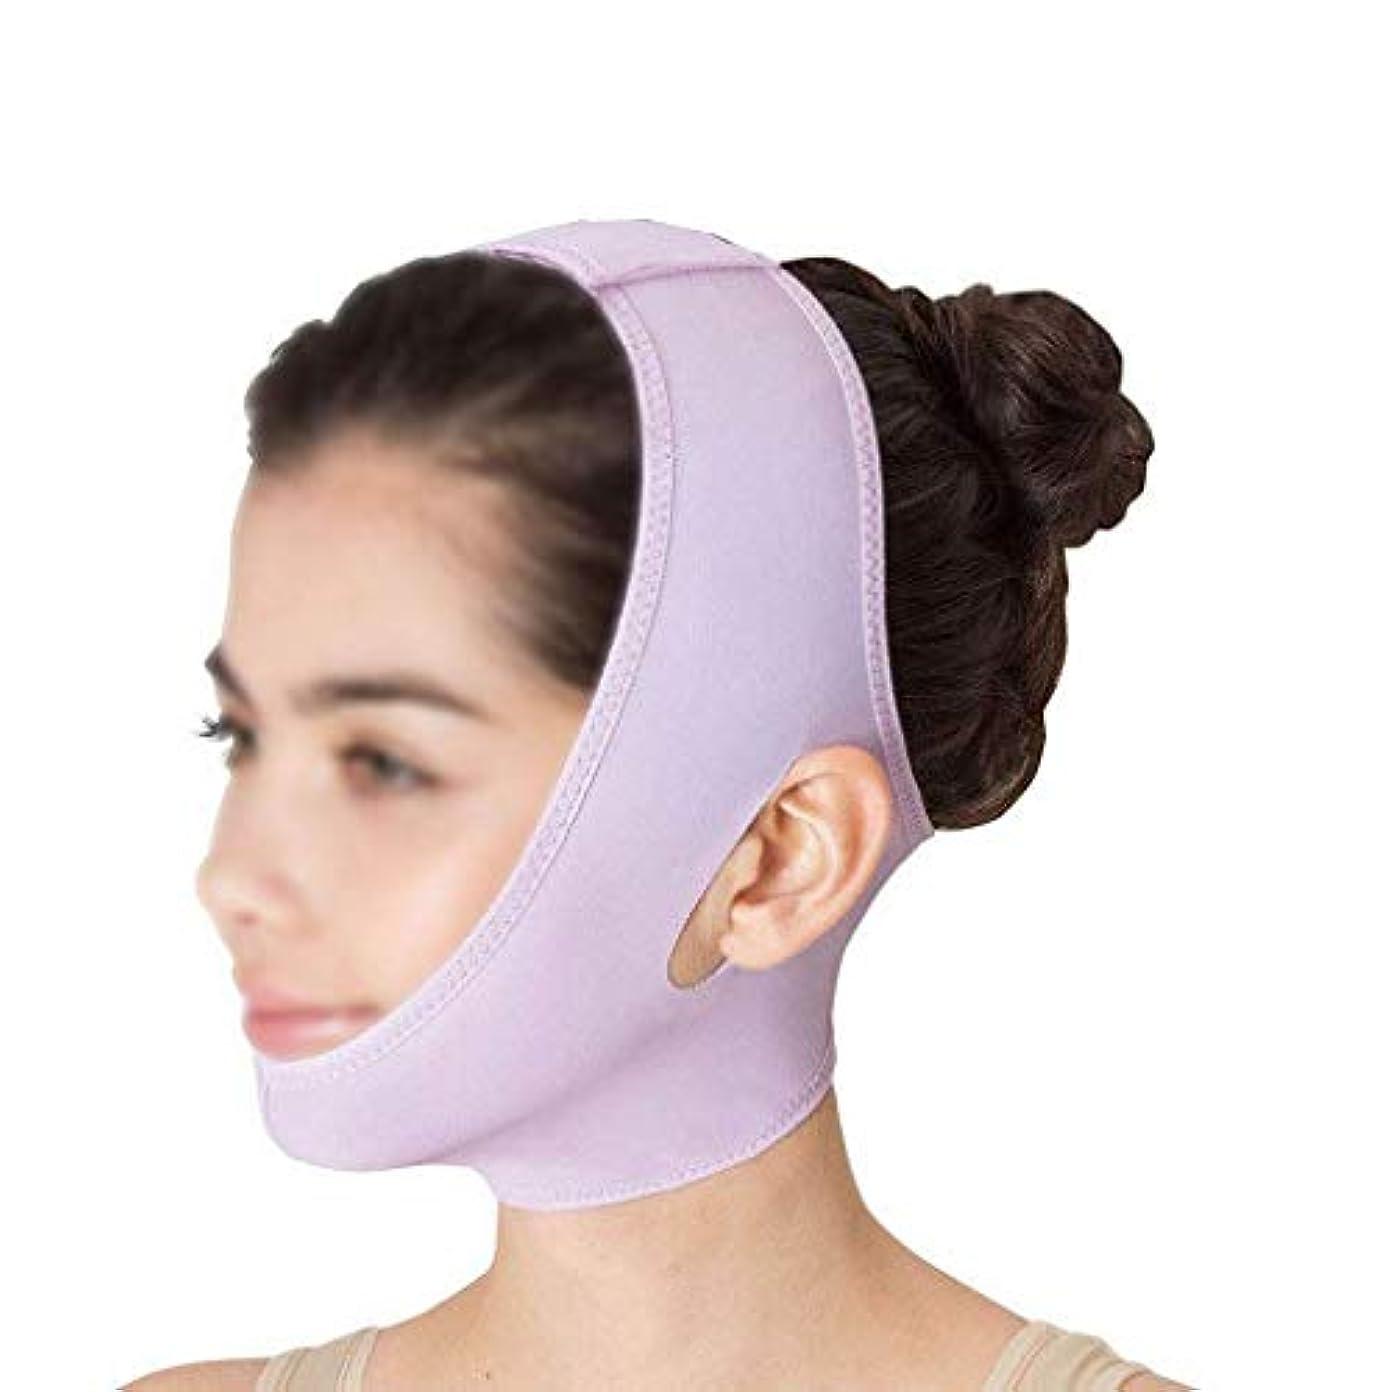 離れてボーナス葉を集める薄いフェイスマスク ビームフェイス、薄いダブルチンでスリーピングマスクの下の頬を防ぎ、小さなVフェイスを作成